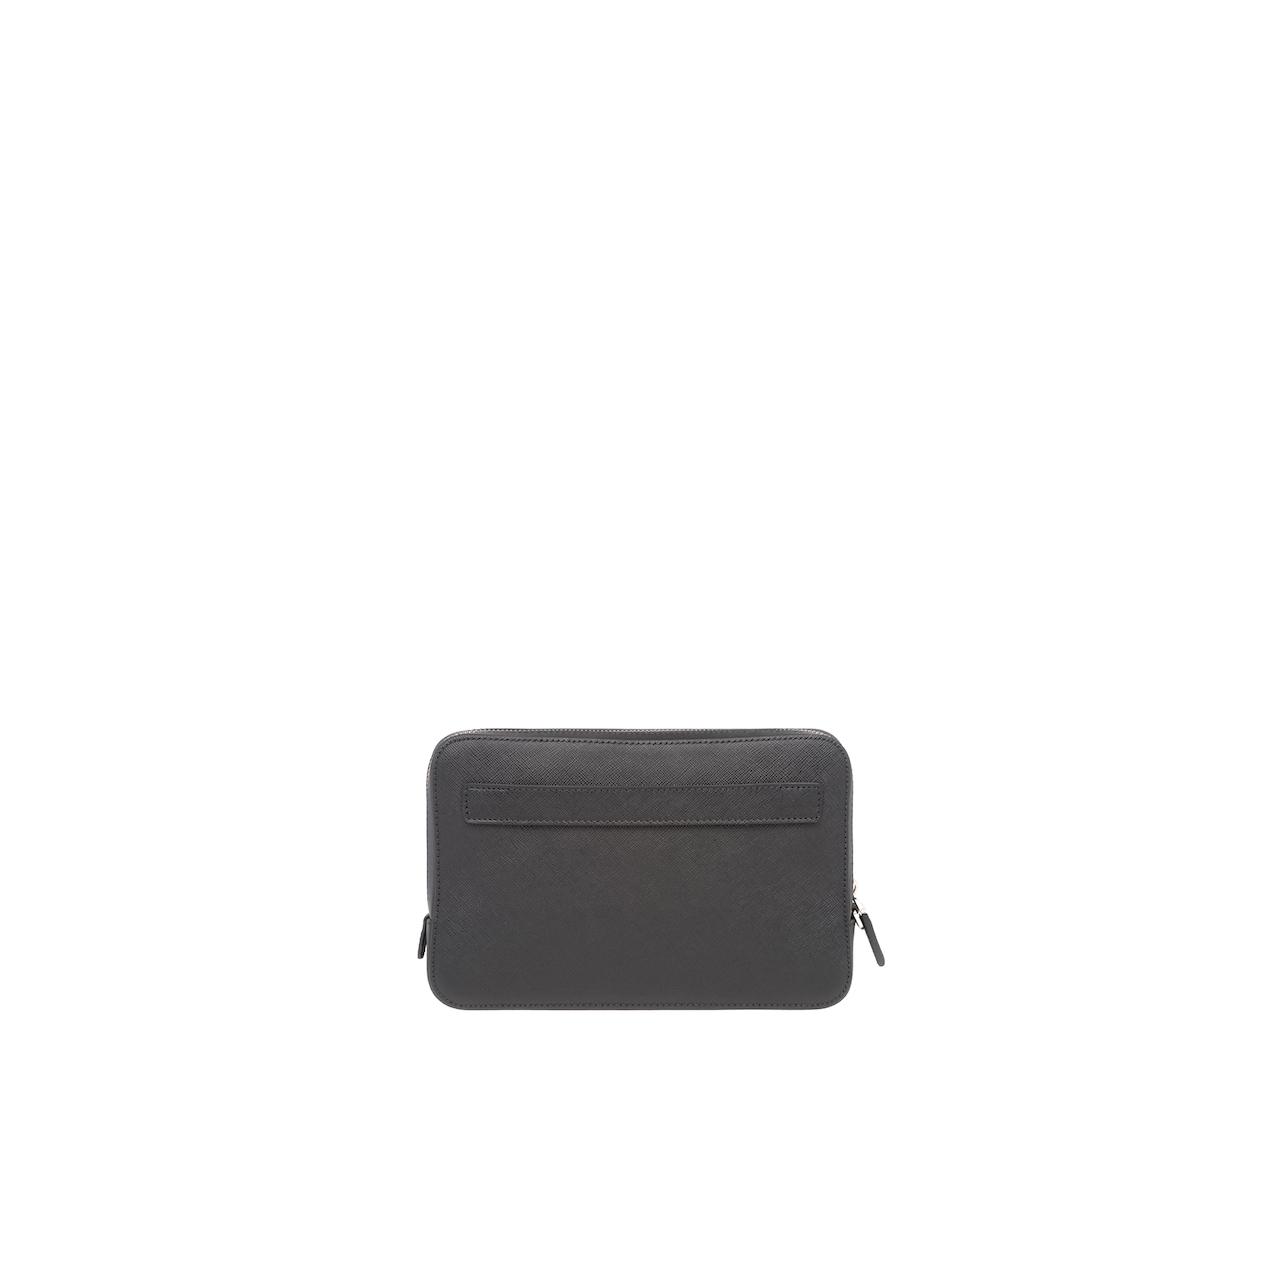 Prada Saffiano 皮革手包 4